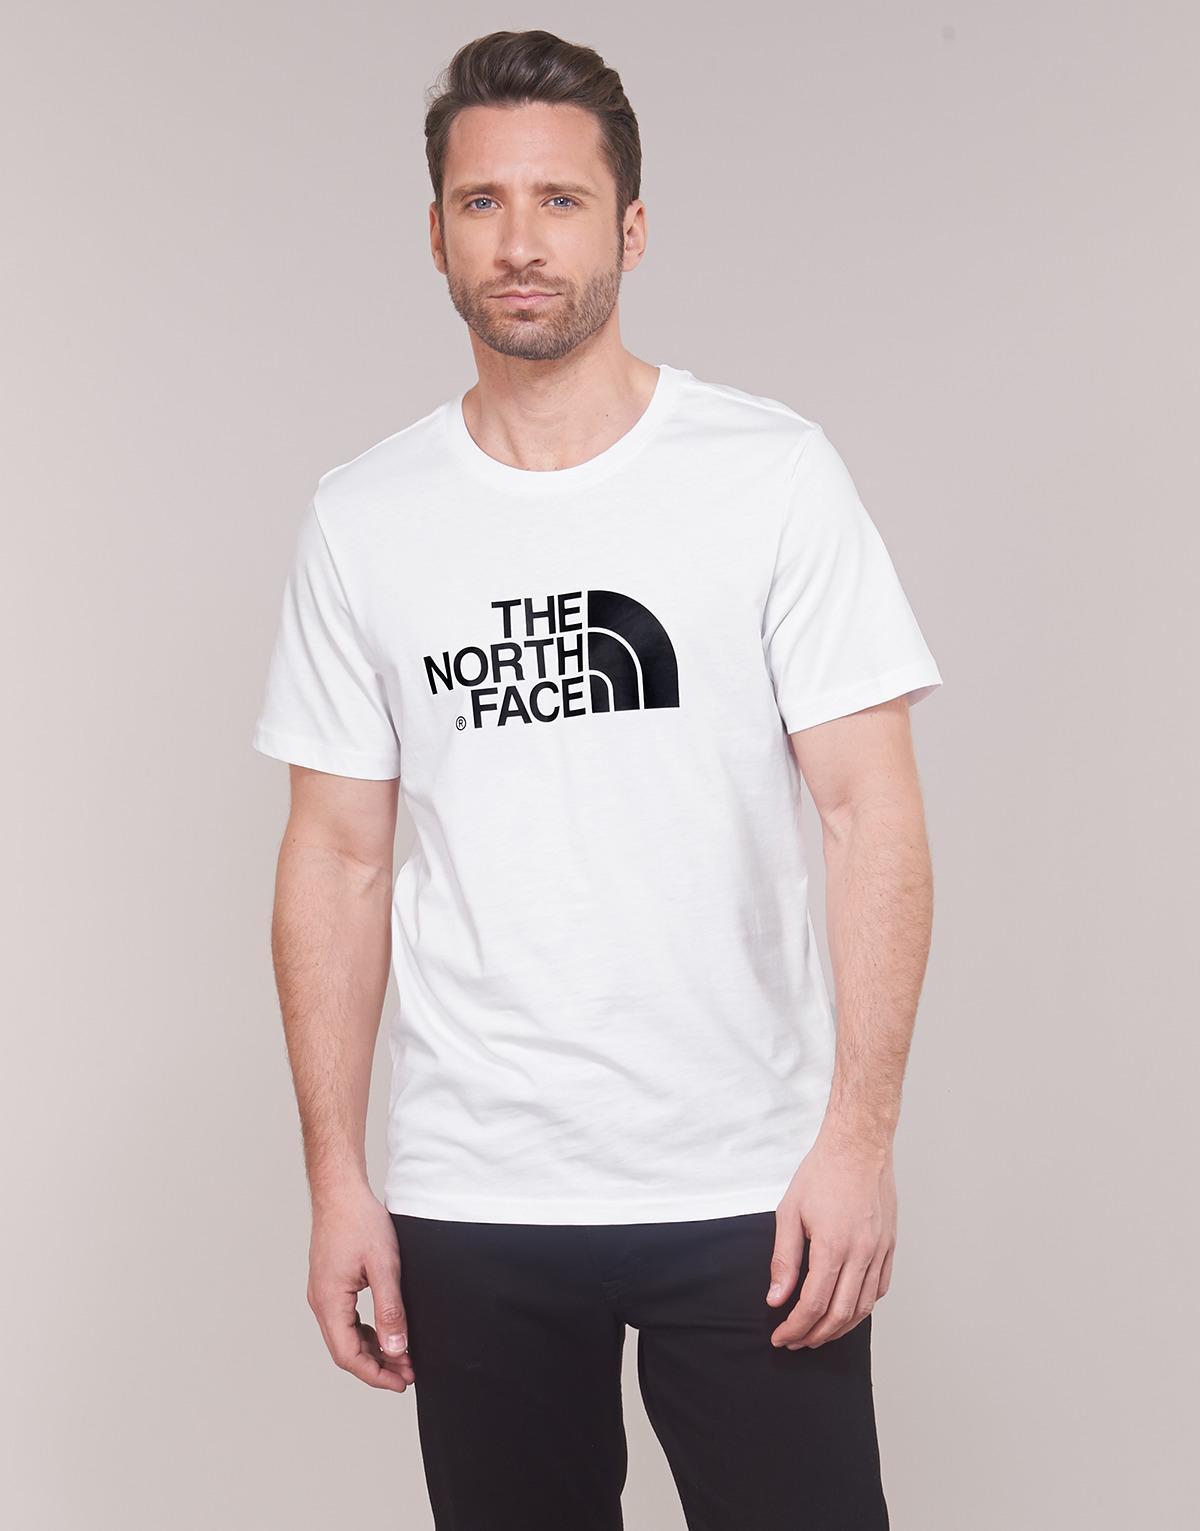 d792c05c4 White Men's S/s Easy Tee T Shirt